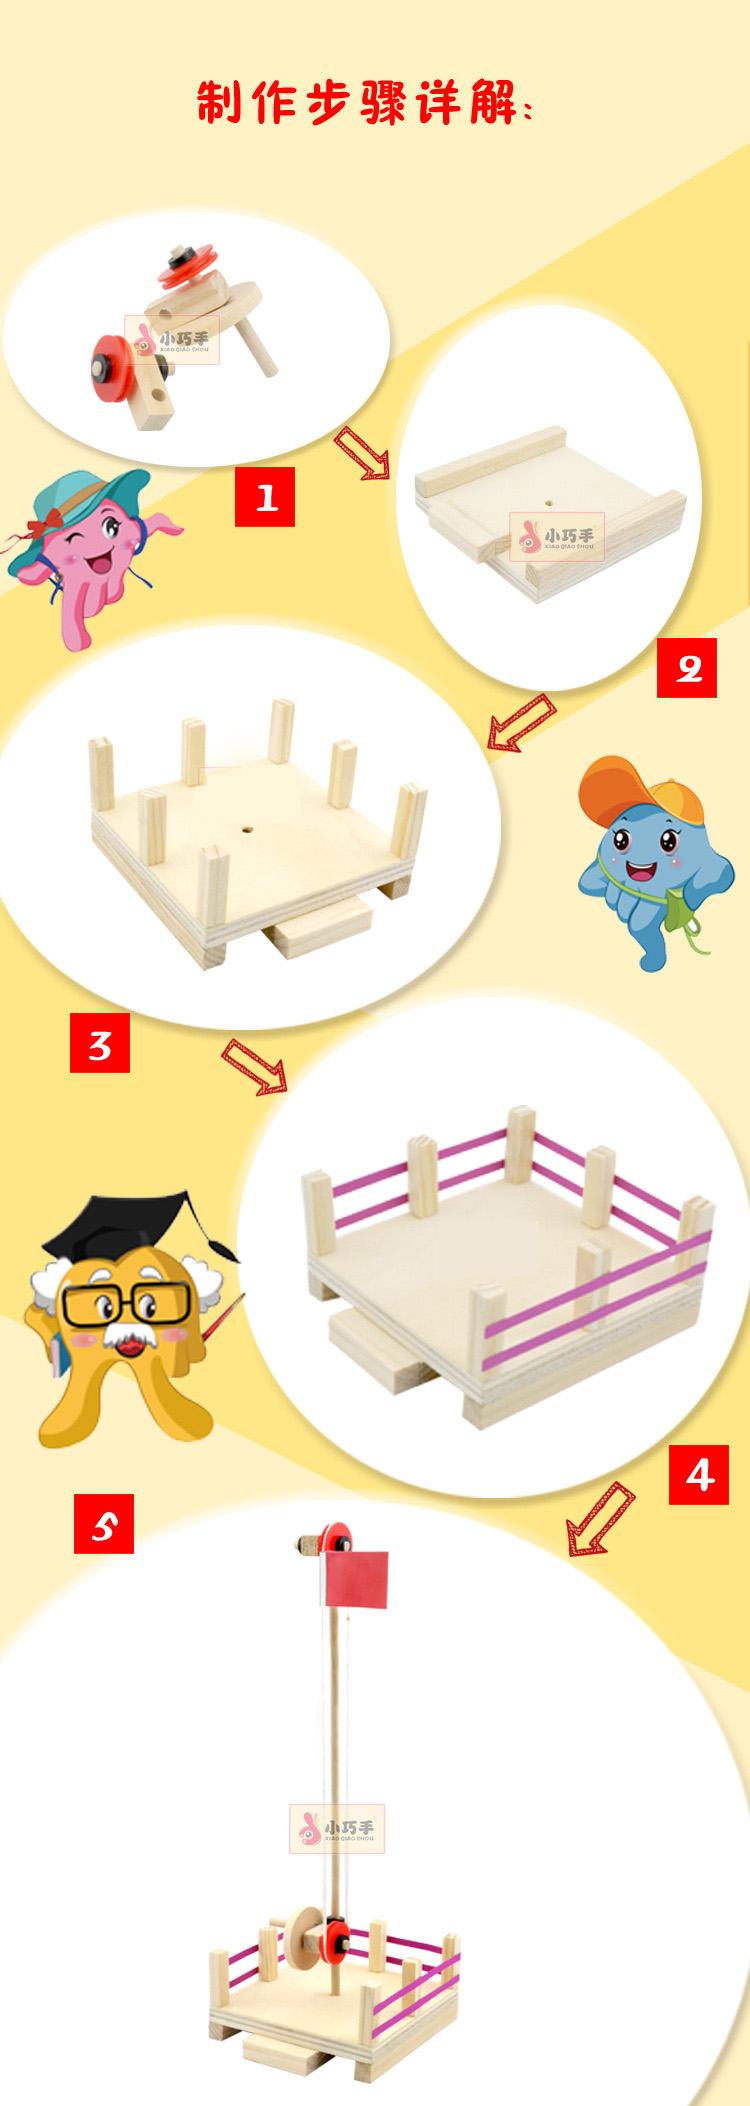 智扣 旗台小学生diy手工科技小制作发明男女孩童科学实验玩具 旗升降